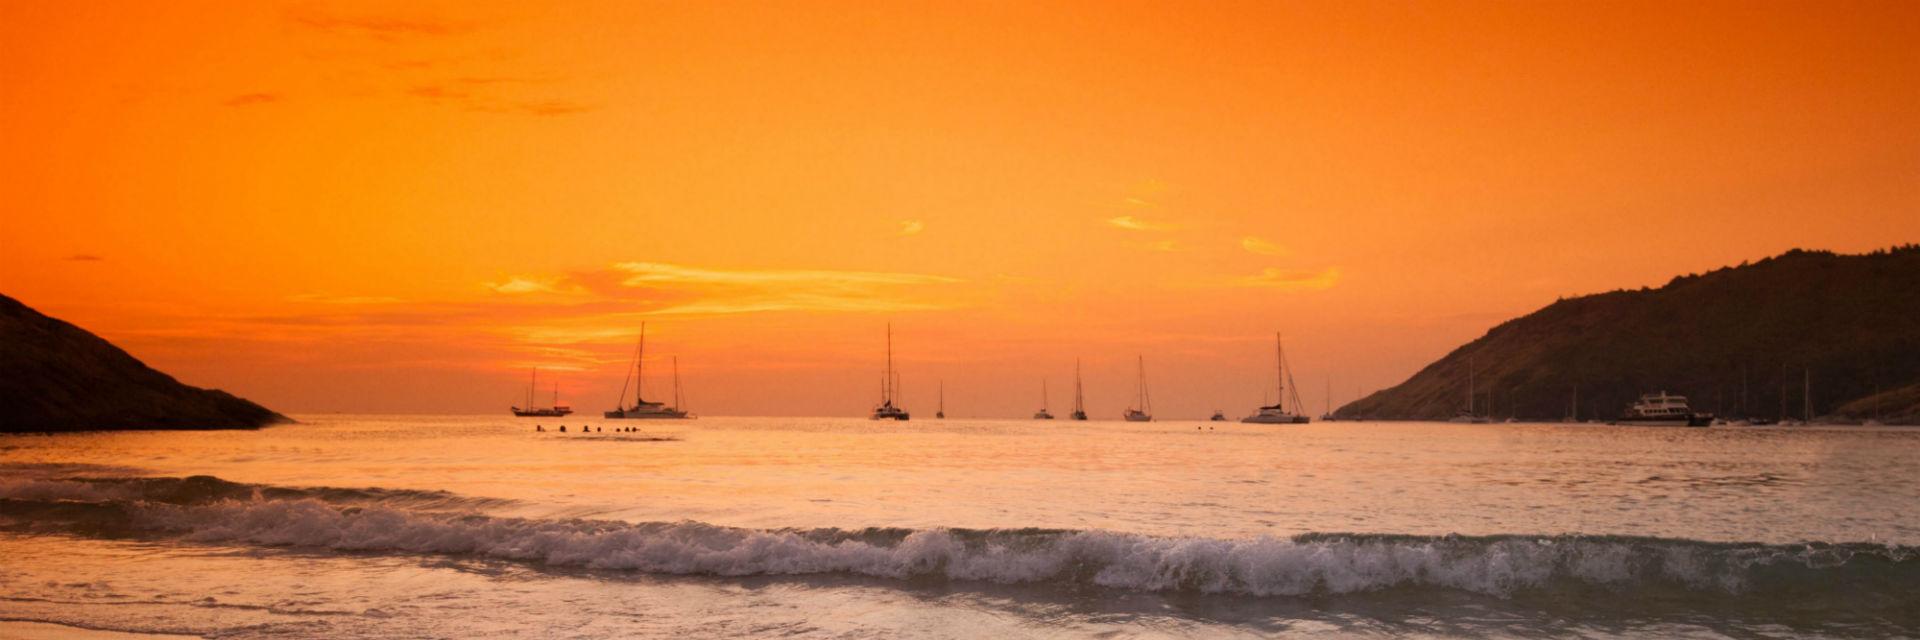 Puesta de sol en el mar con barcos pesqueros